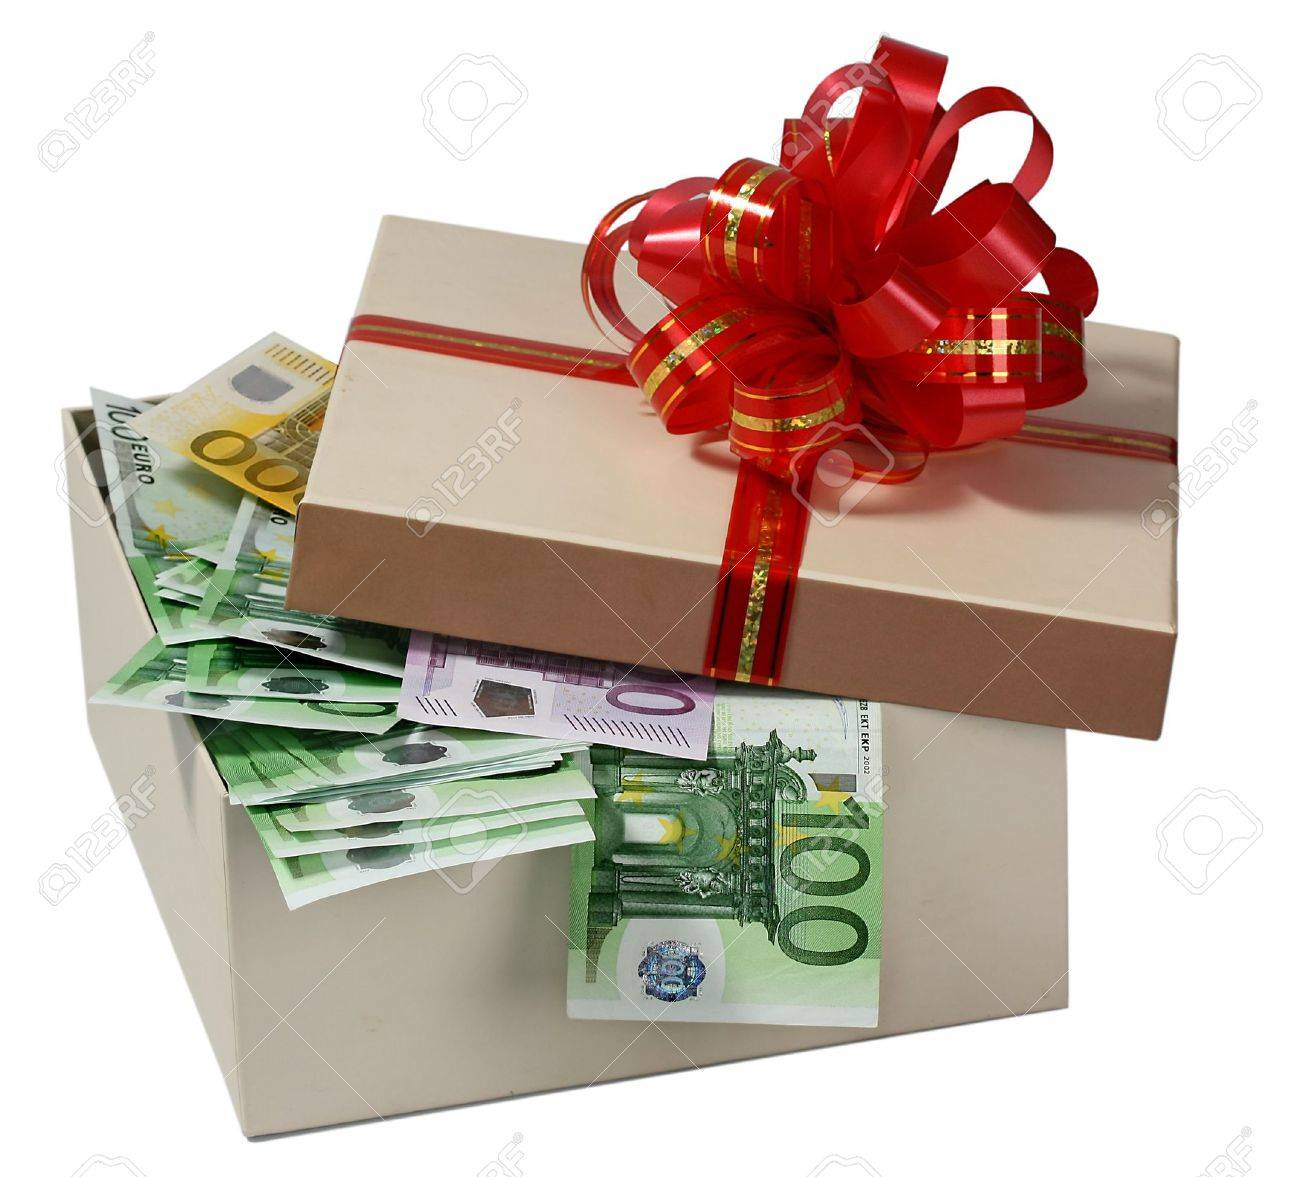 Как оформить подарок деньгами? Варианты оформления